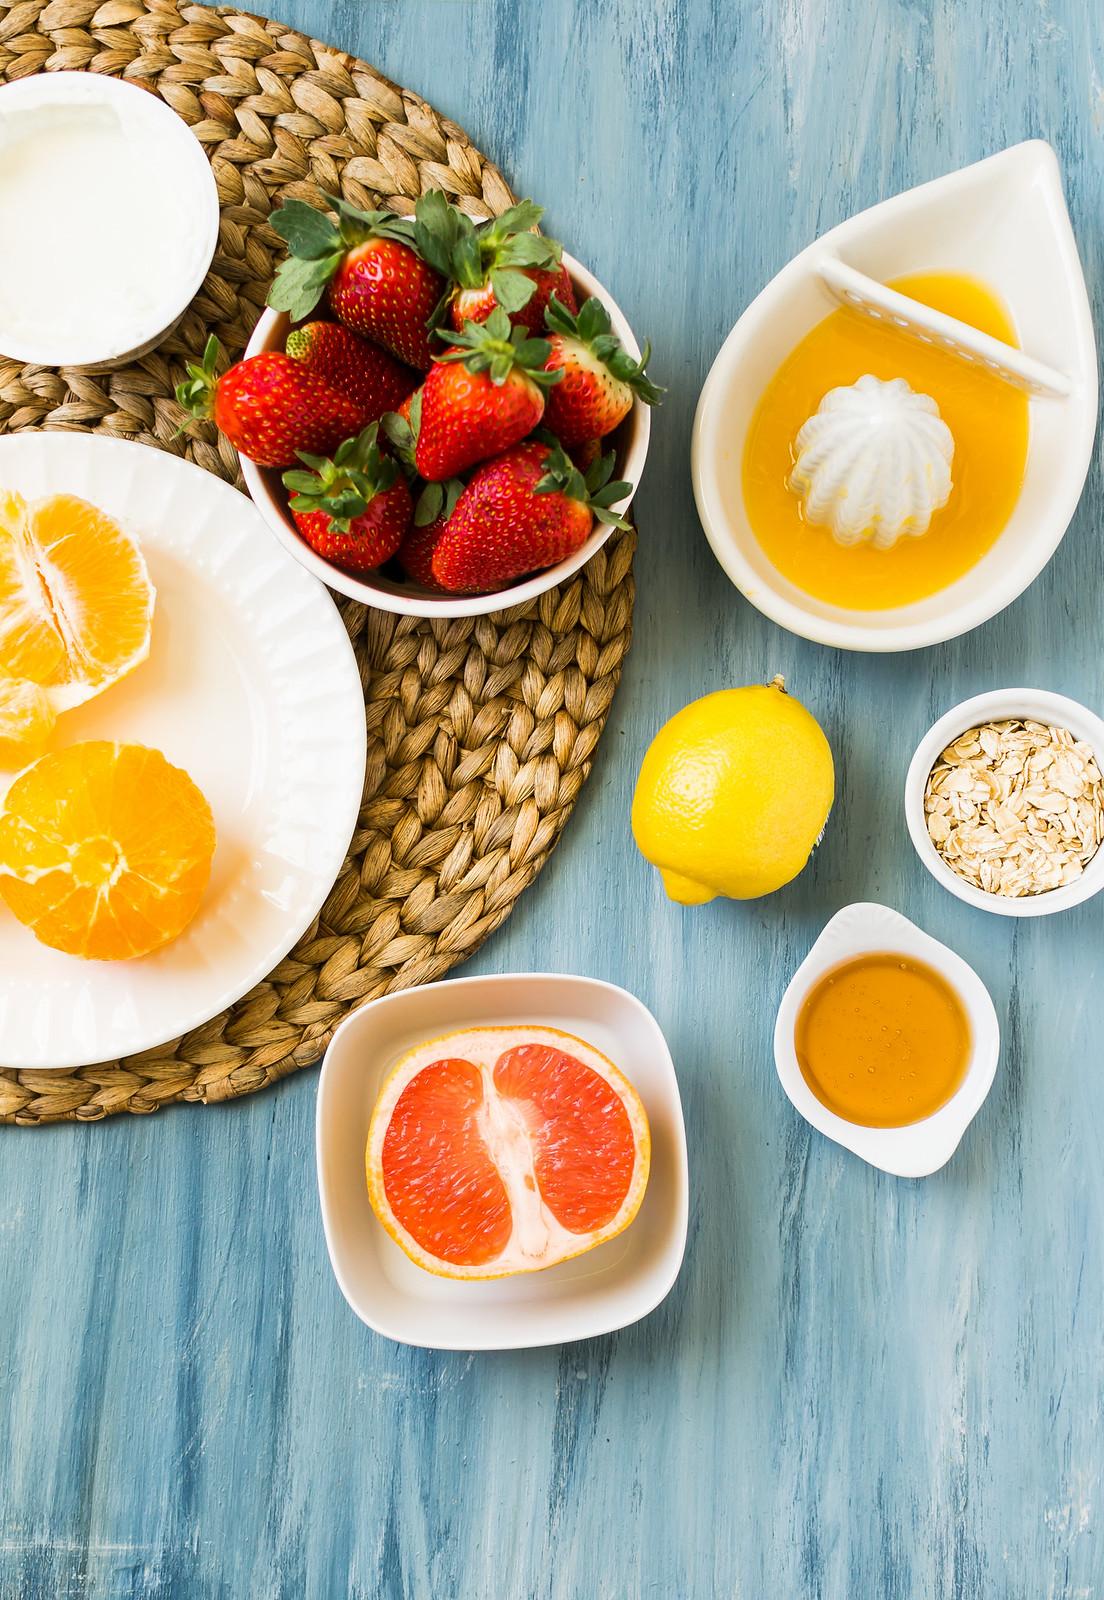 Skinny Sunrise Breakfast Smoothie Ingredient Spread